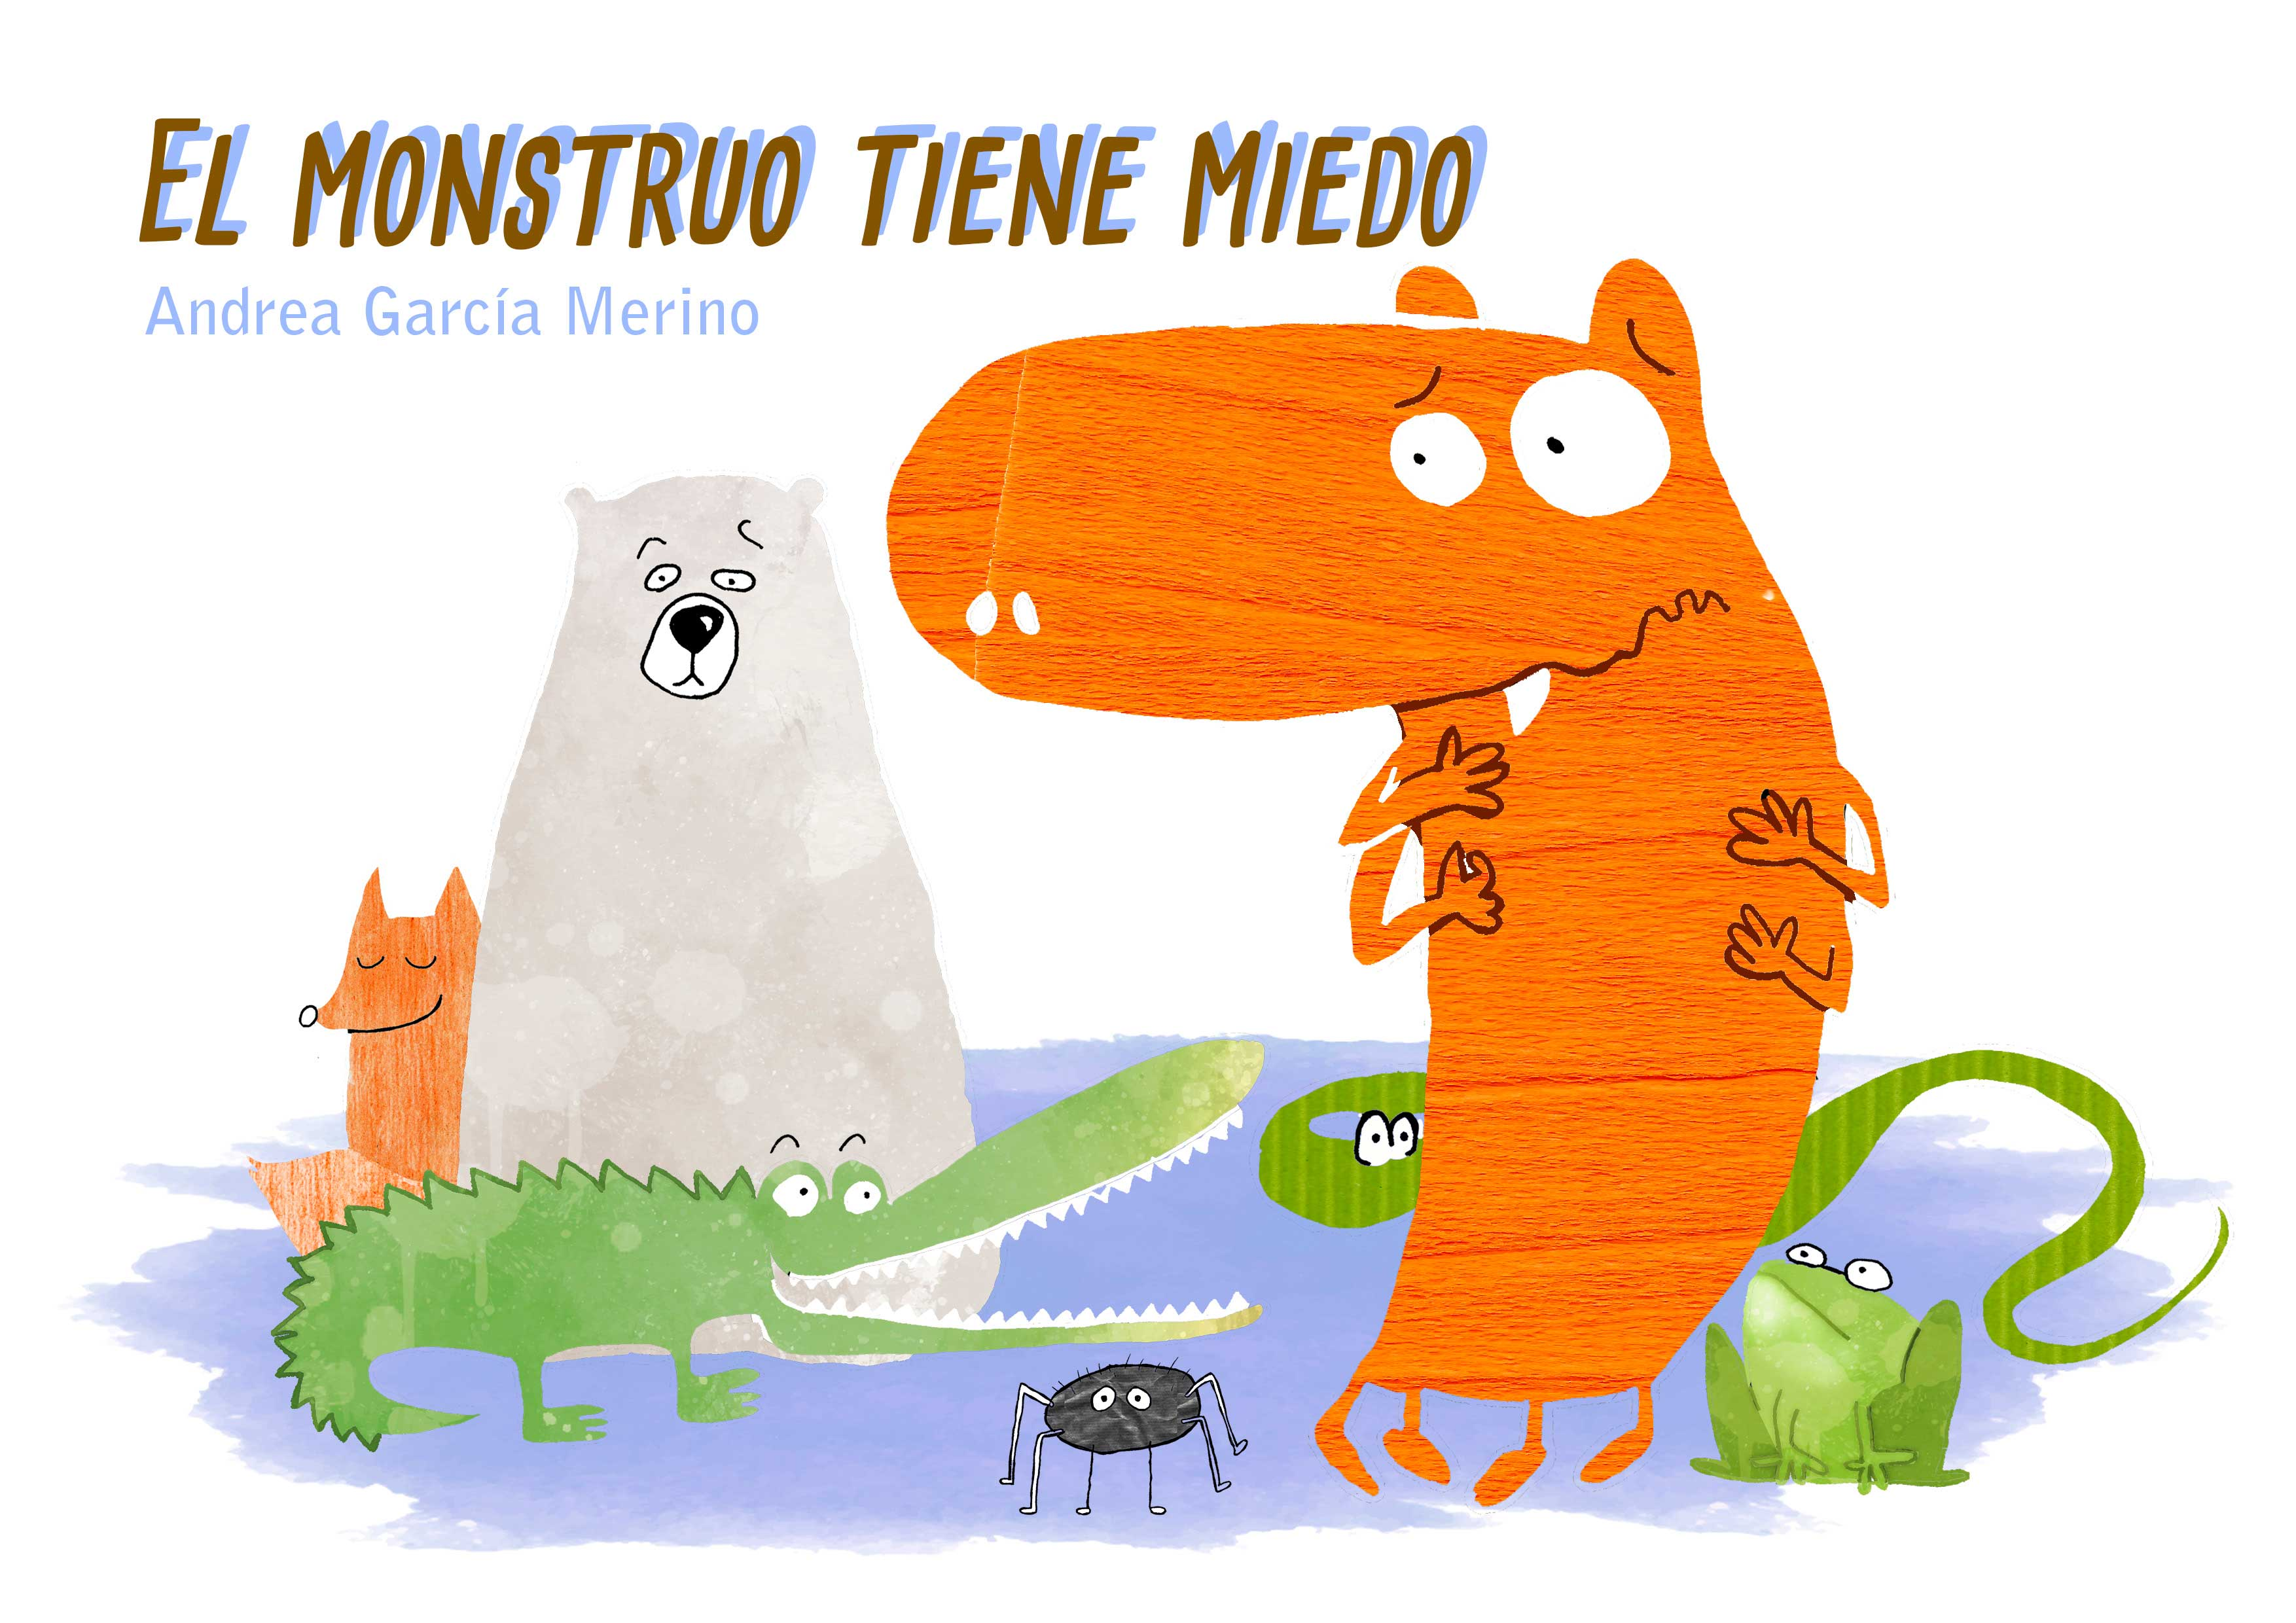 Cuentos ilustraciones diseños creativos libros ilustrados personajes